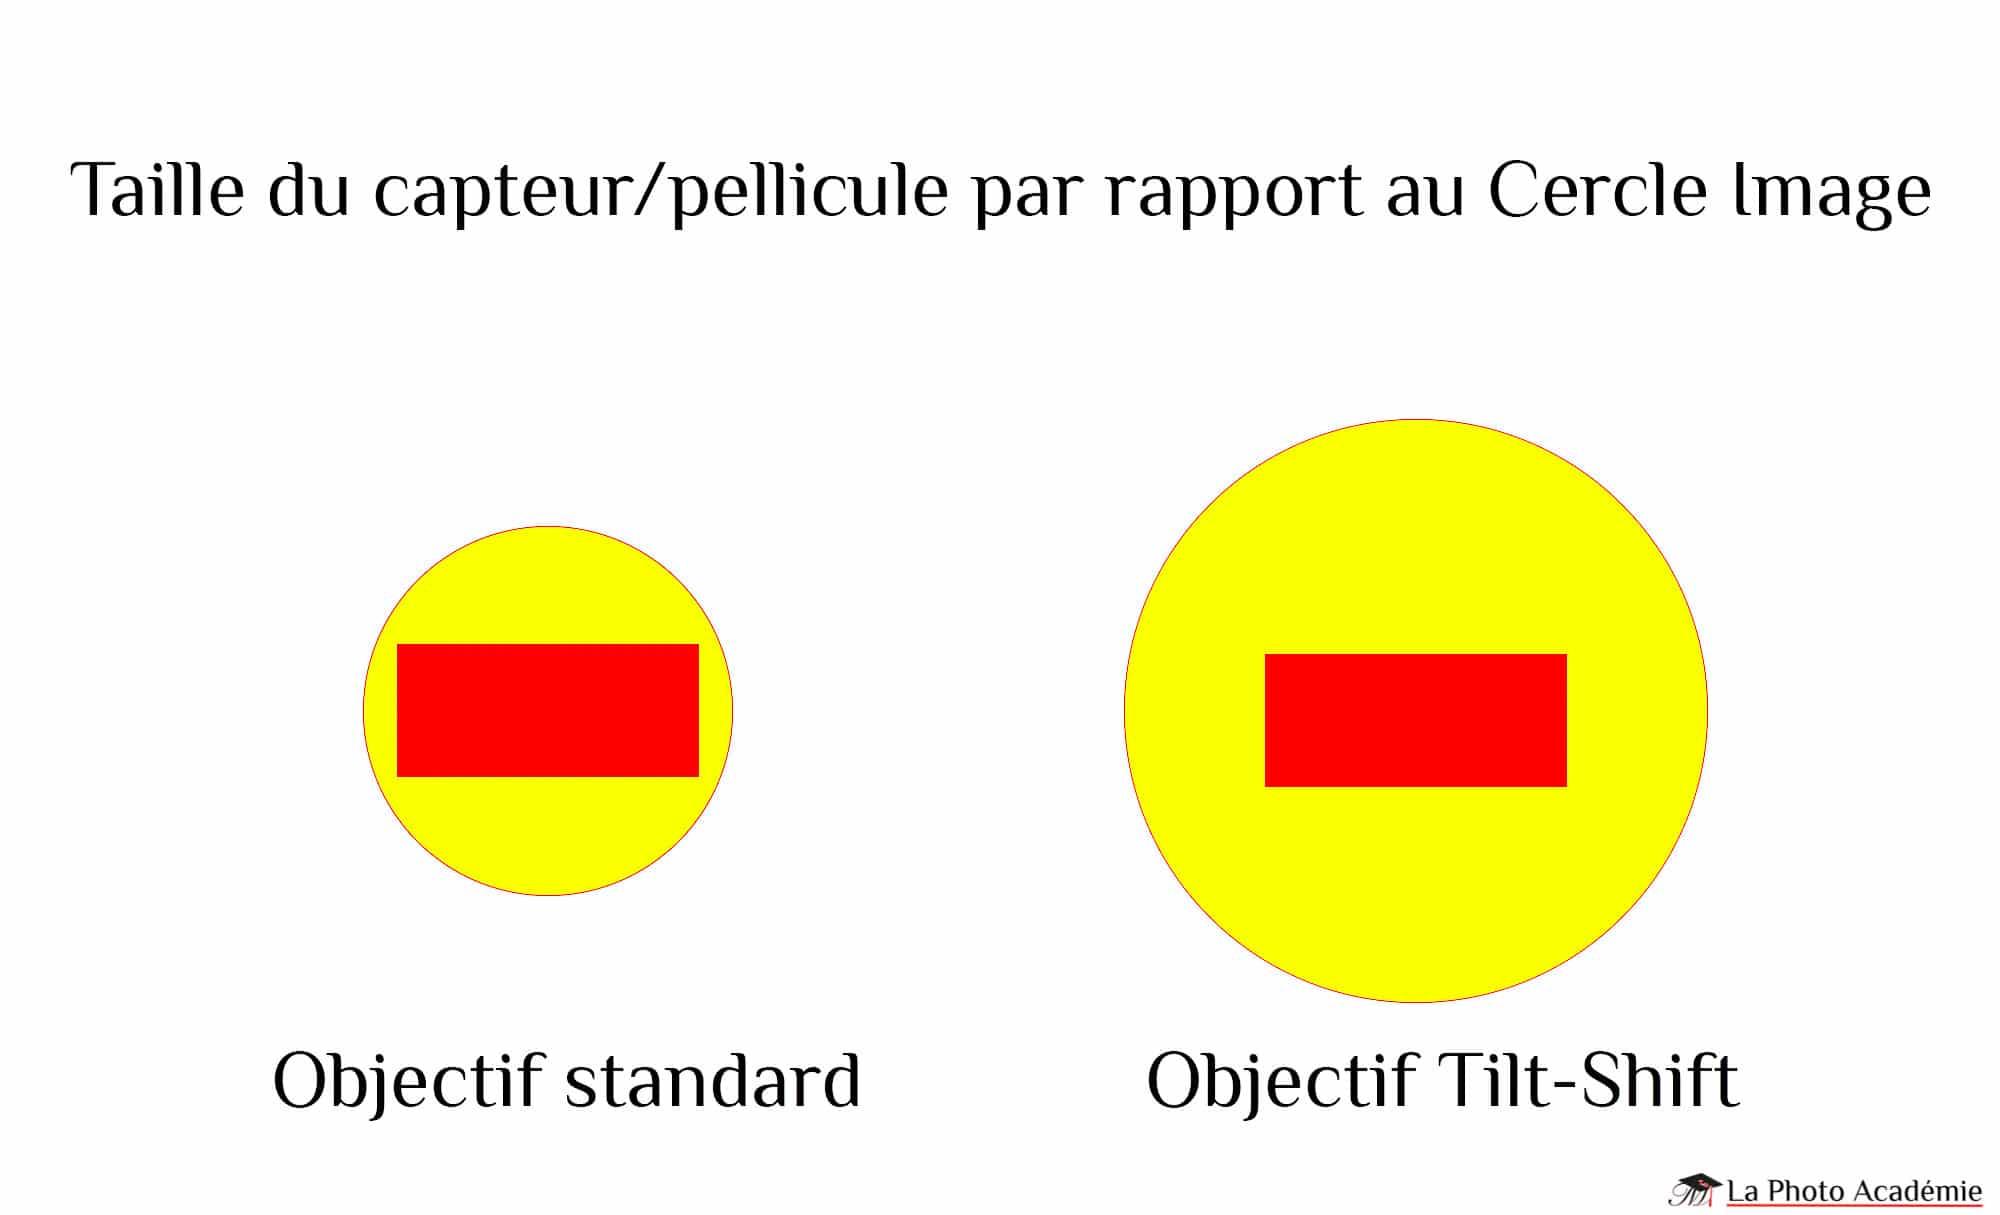 La taille du cercle image pour un objectif Tilt-Shift